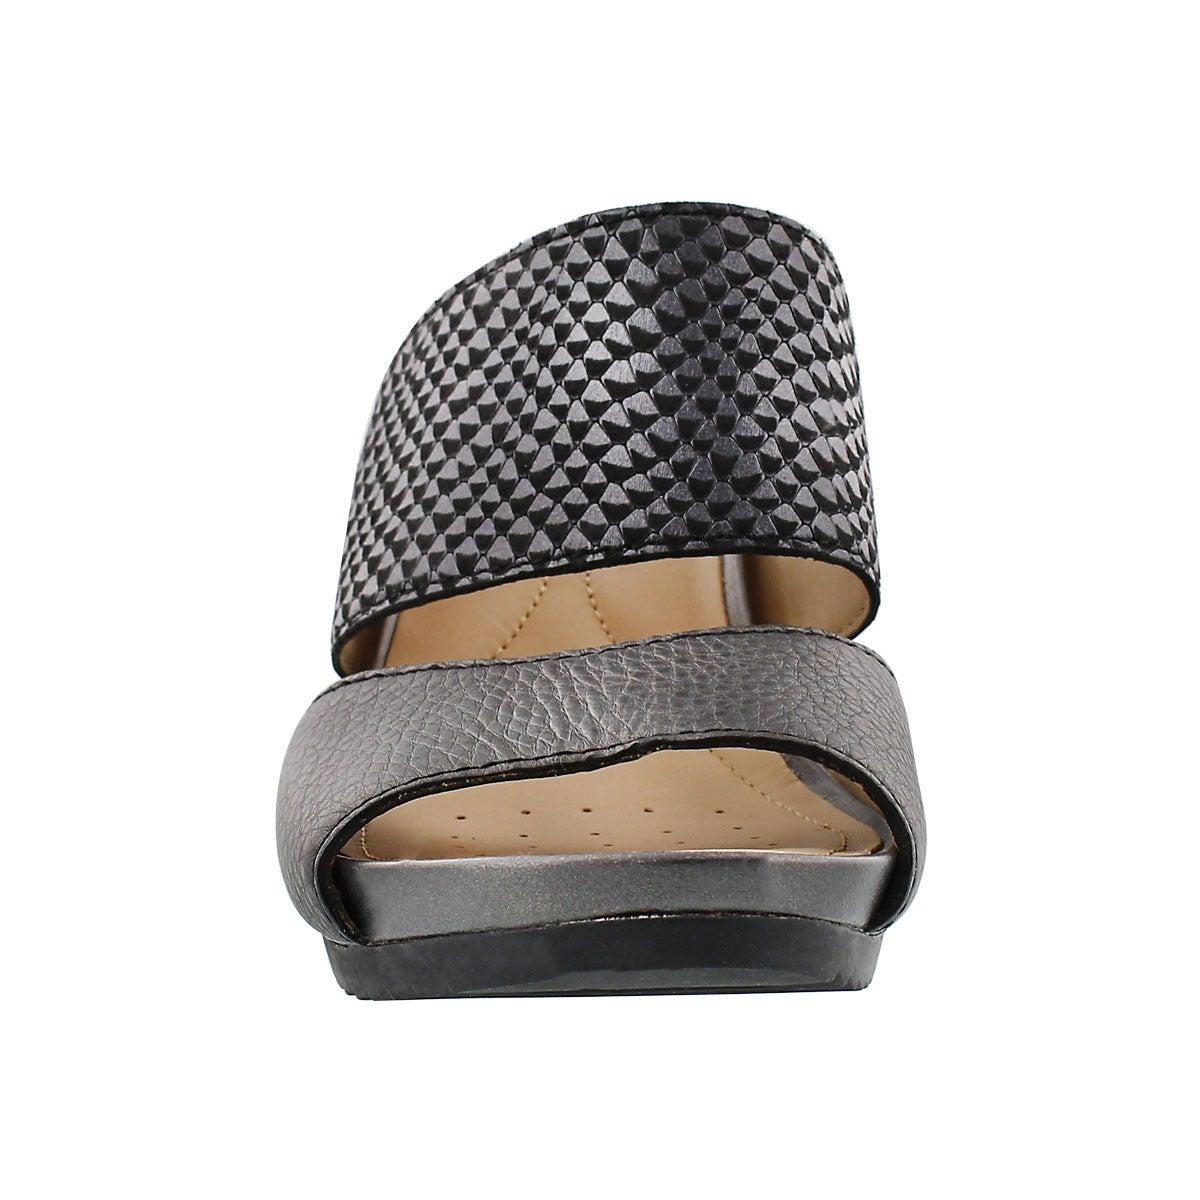 Sandale talon comp. NEW RORIE, noir, fem